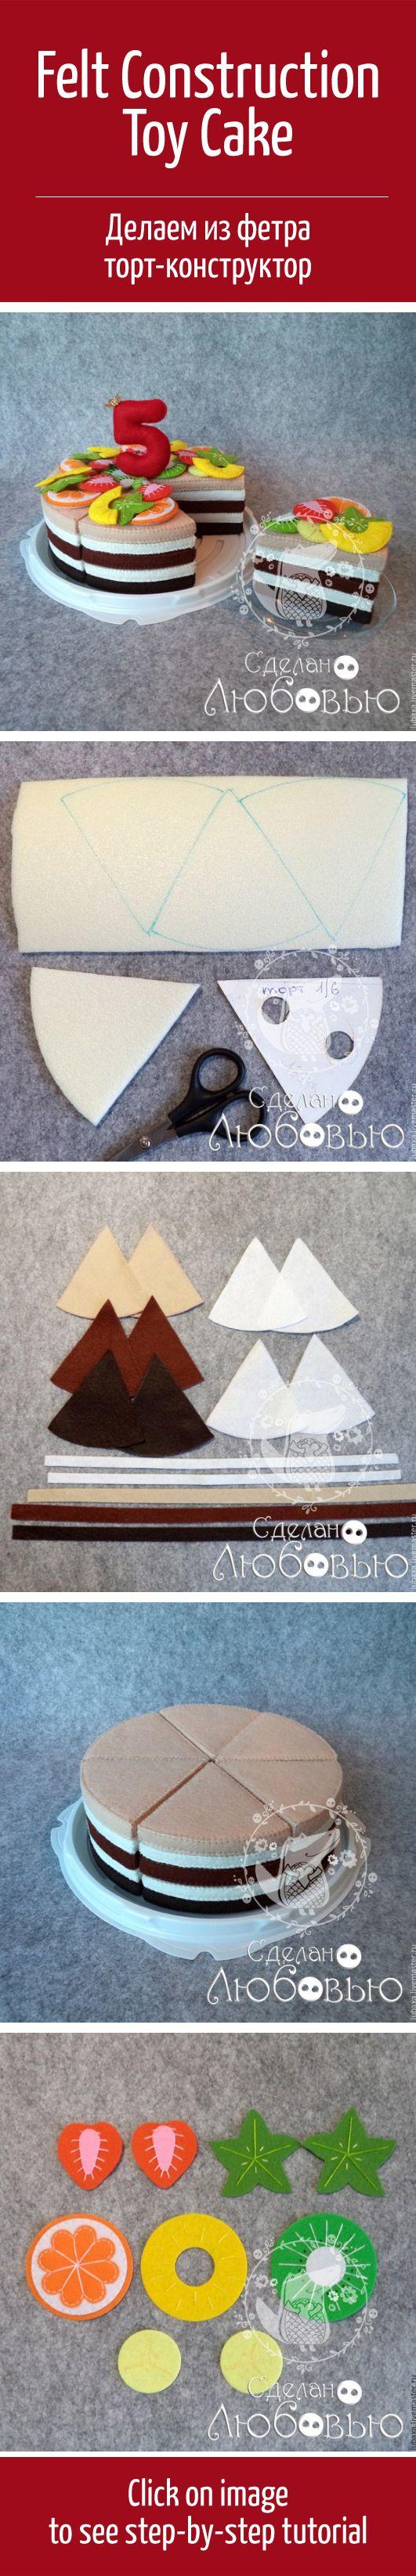 felt construction toy cake: tutorial #handmade #art #design /   Фруктовый торт-конструктор? Из фетра можно сделать всё!